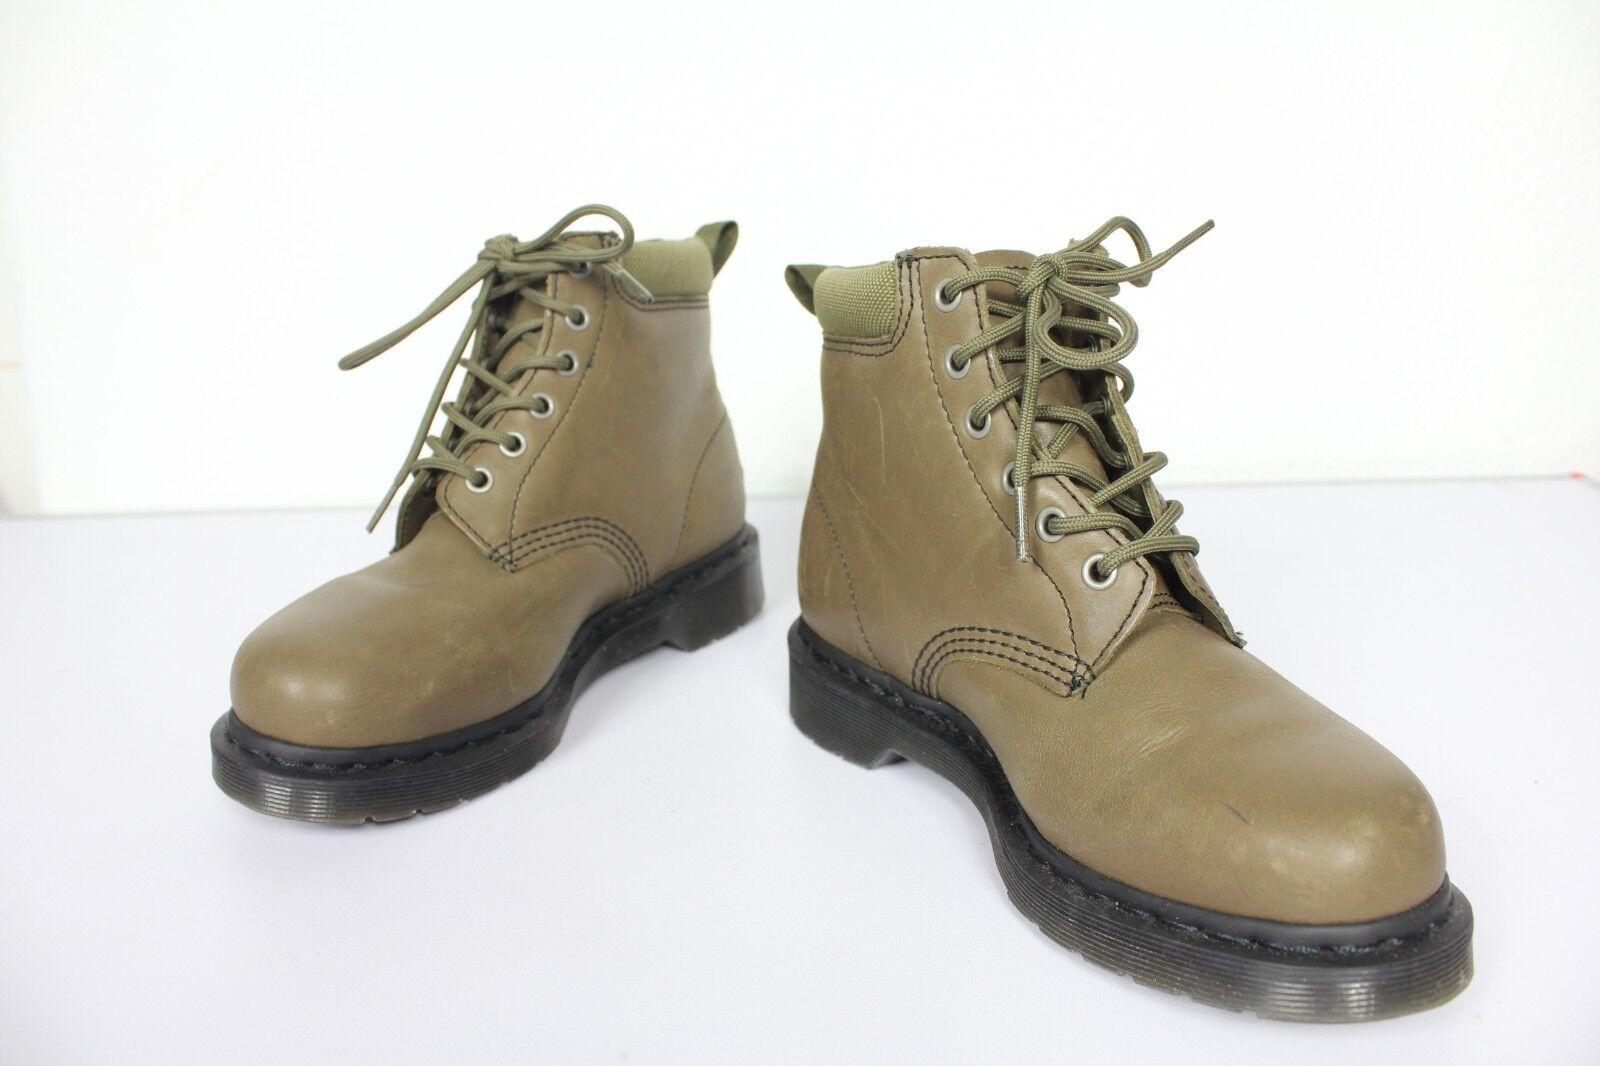 Dr. Martens rarezas Model invierno botas botas botas cuero genuino Olive verde eu 38-uk 5-wie nuevo e718f8